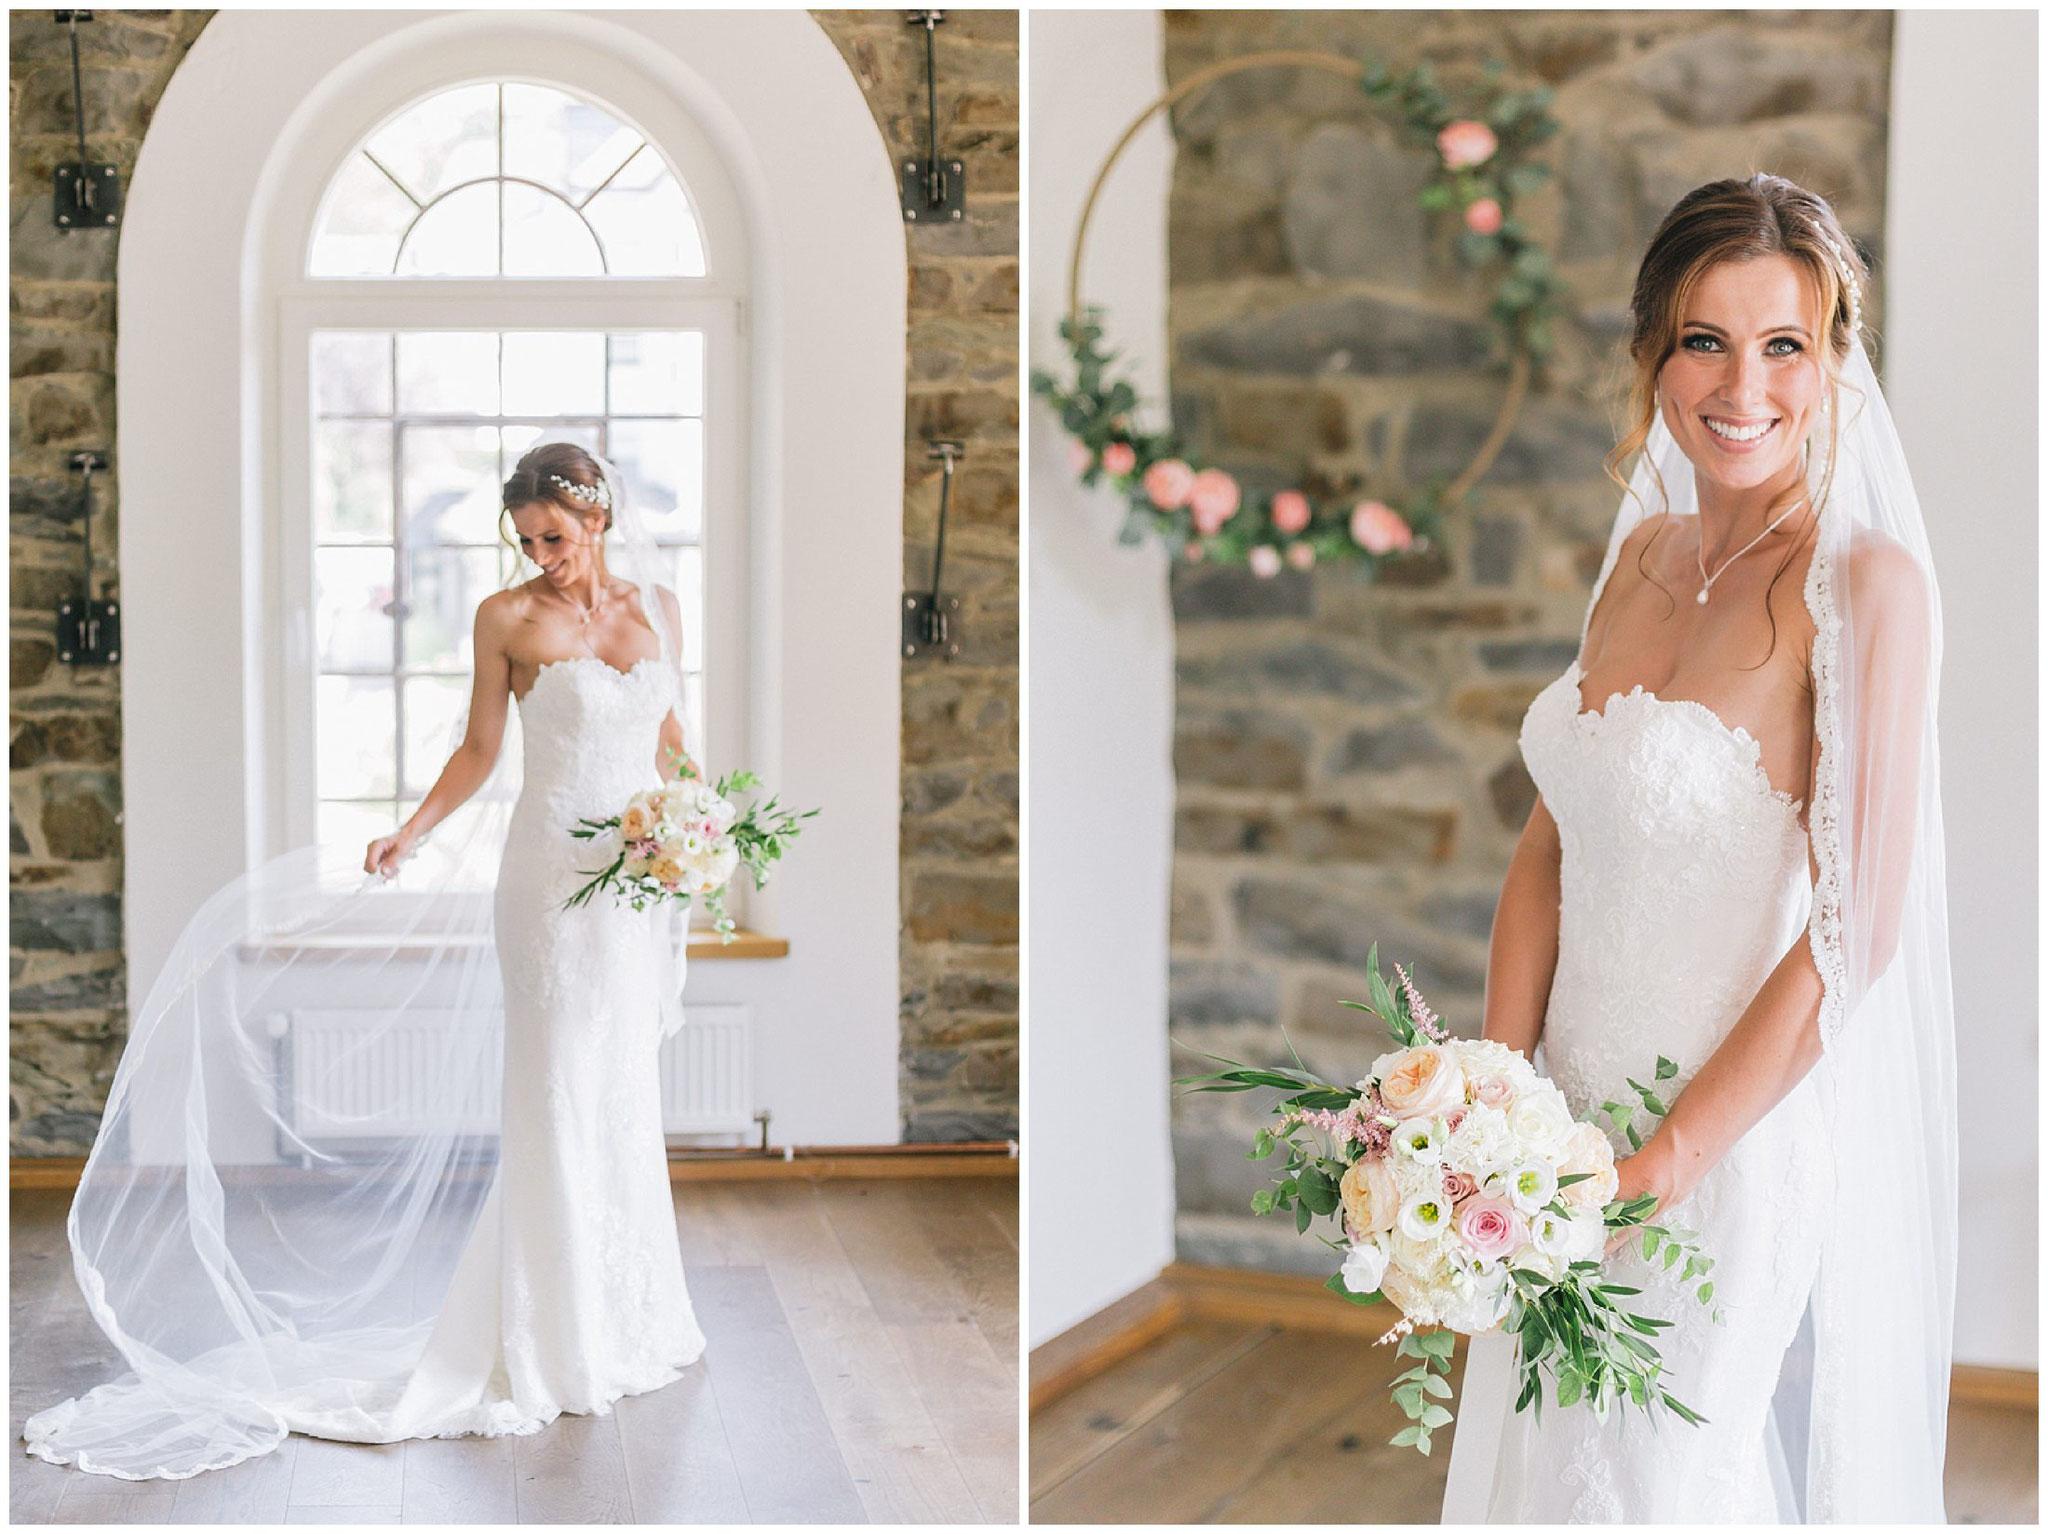 Braut mit Brautstrauß im fine art Stil hochzeitsfotograf Engelskirchen industrial chic hochzeit fine art wedding Galerie Hammerwerk jane weber